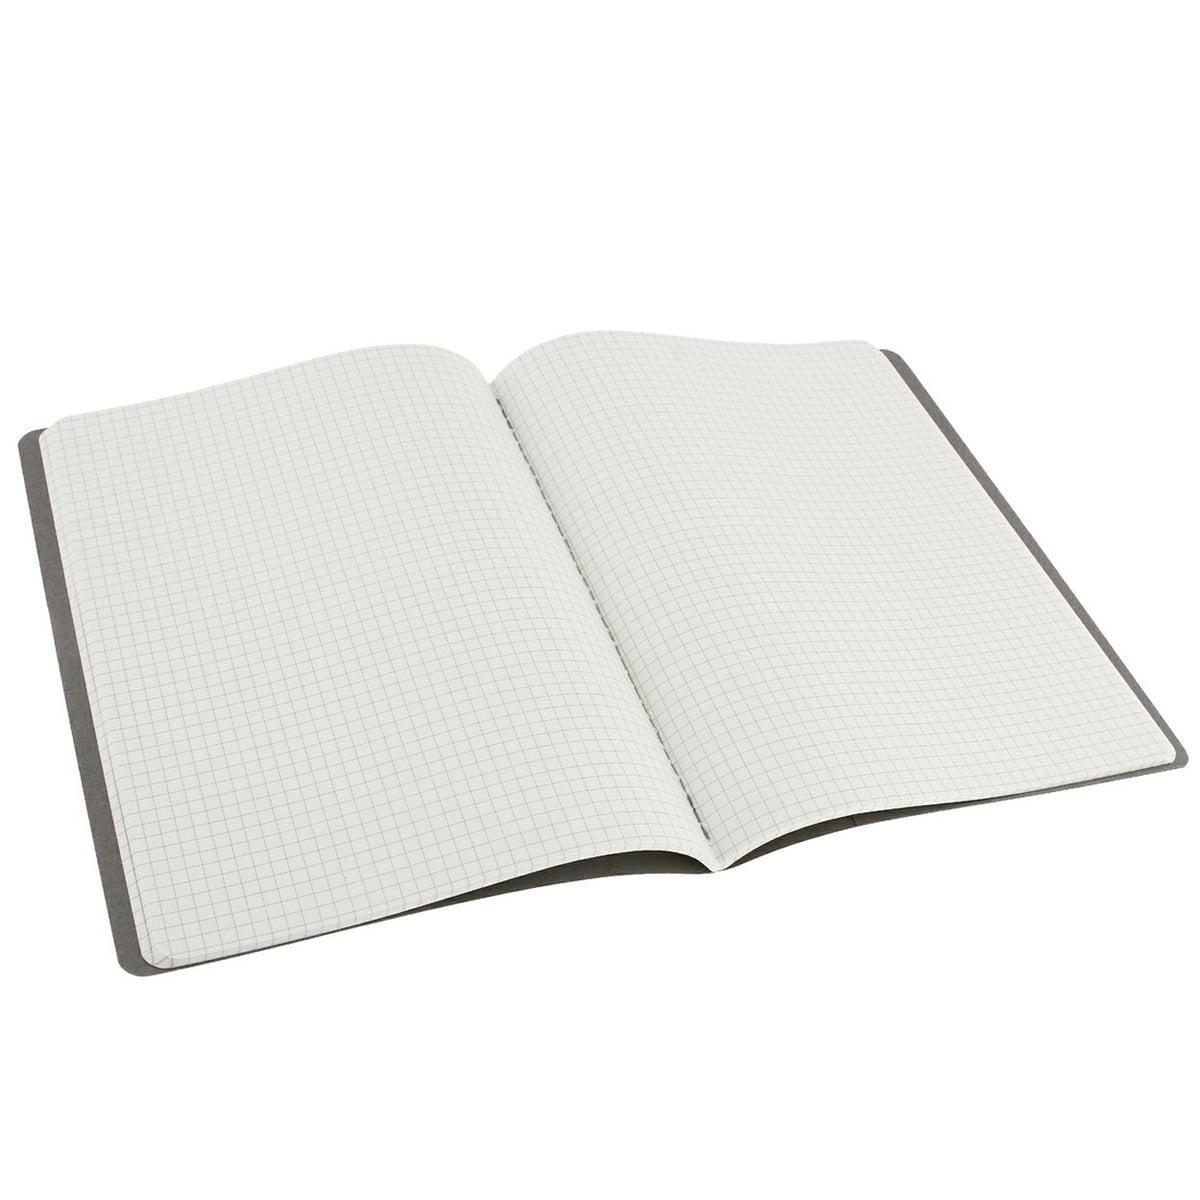 cahier notebook moleskine shop. Black Bedroom Furniture Sets. Home Design Ideas